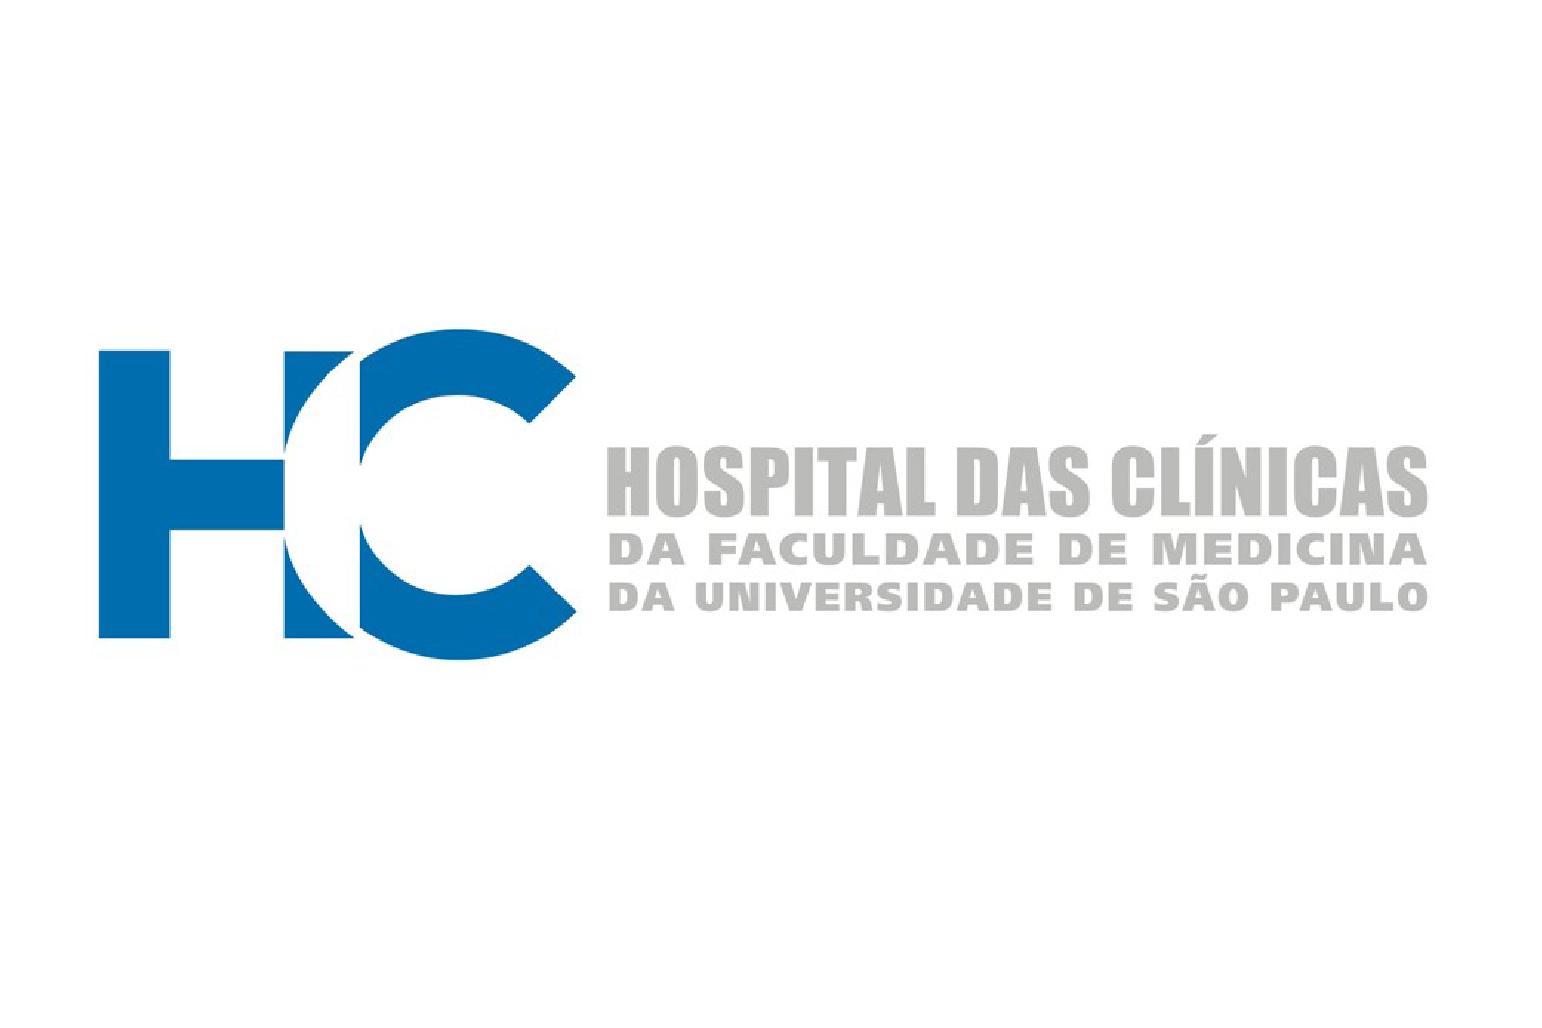 Logos_HC.png